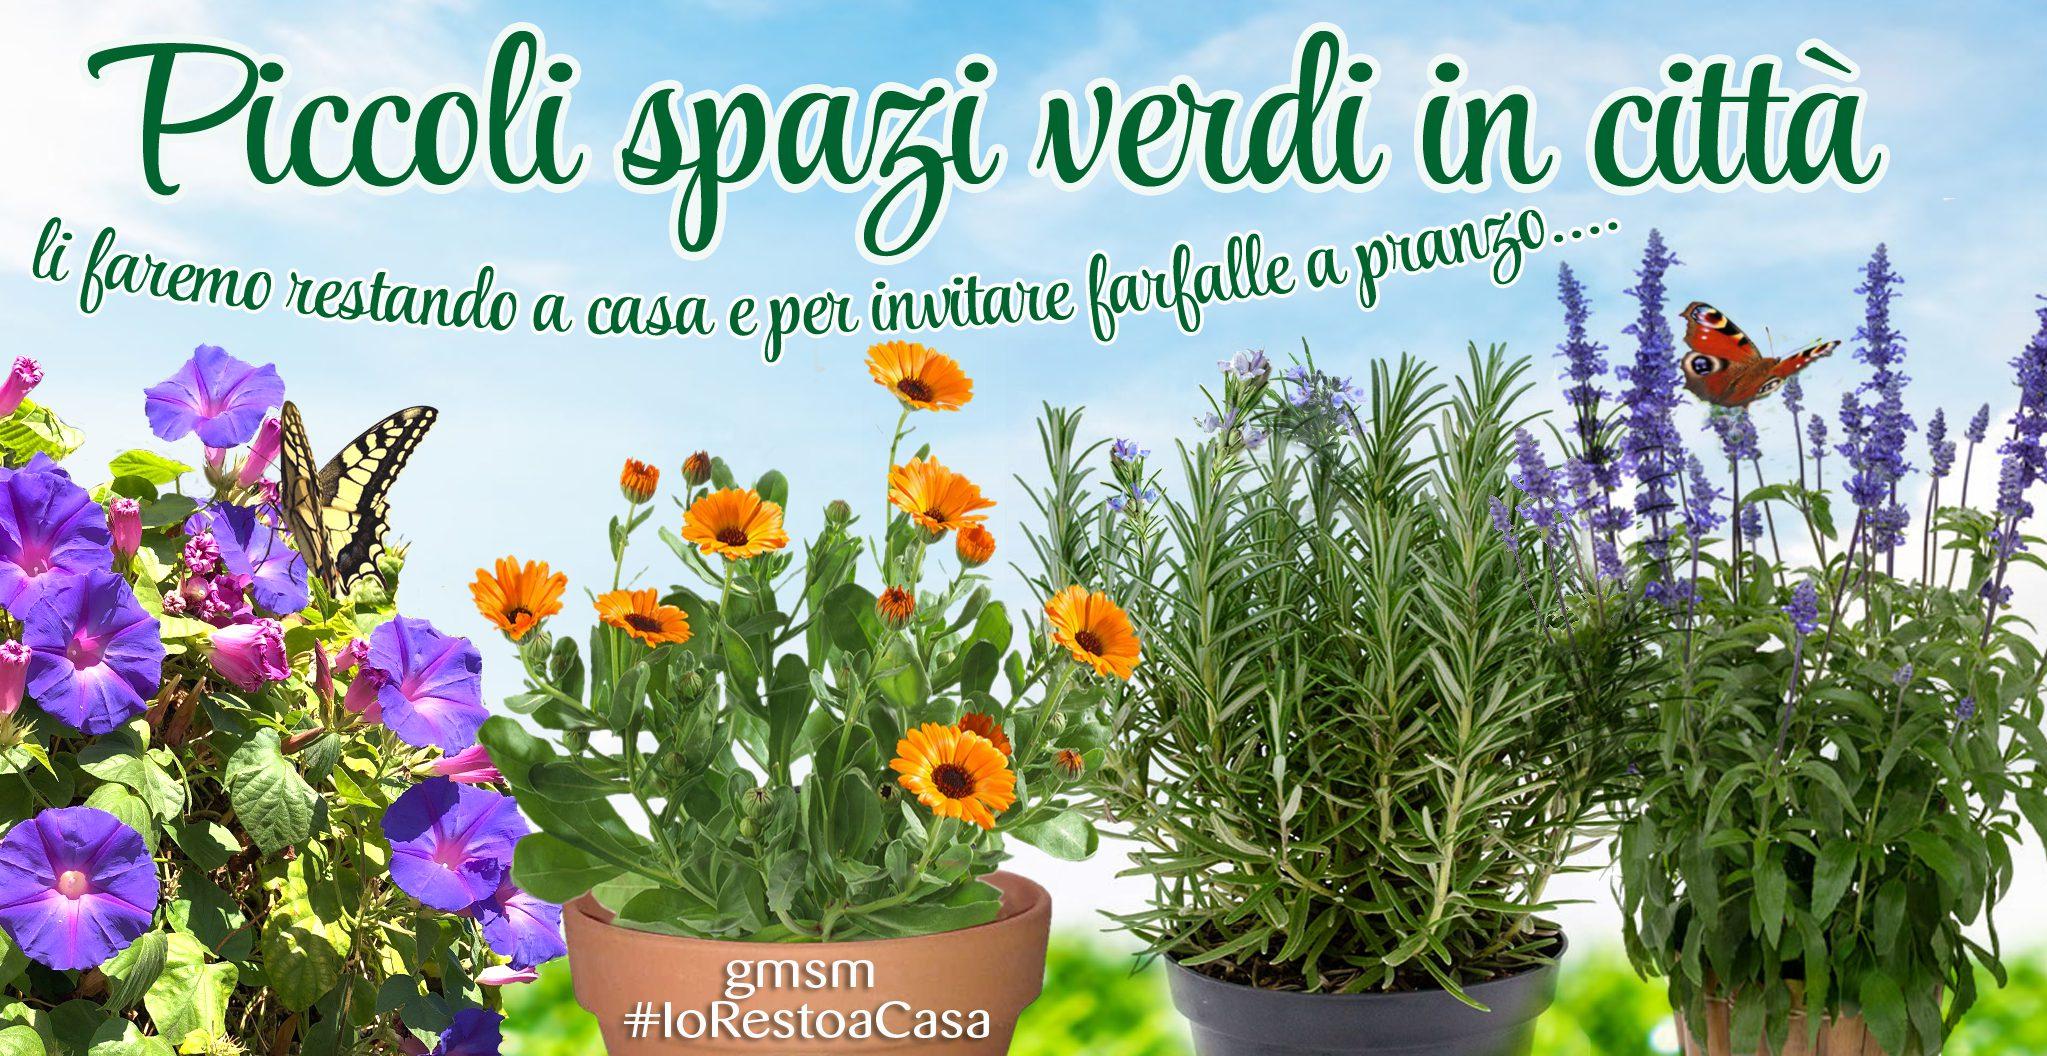 image_url_full